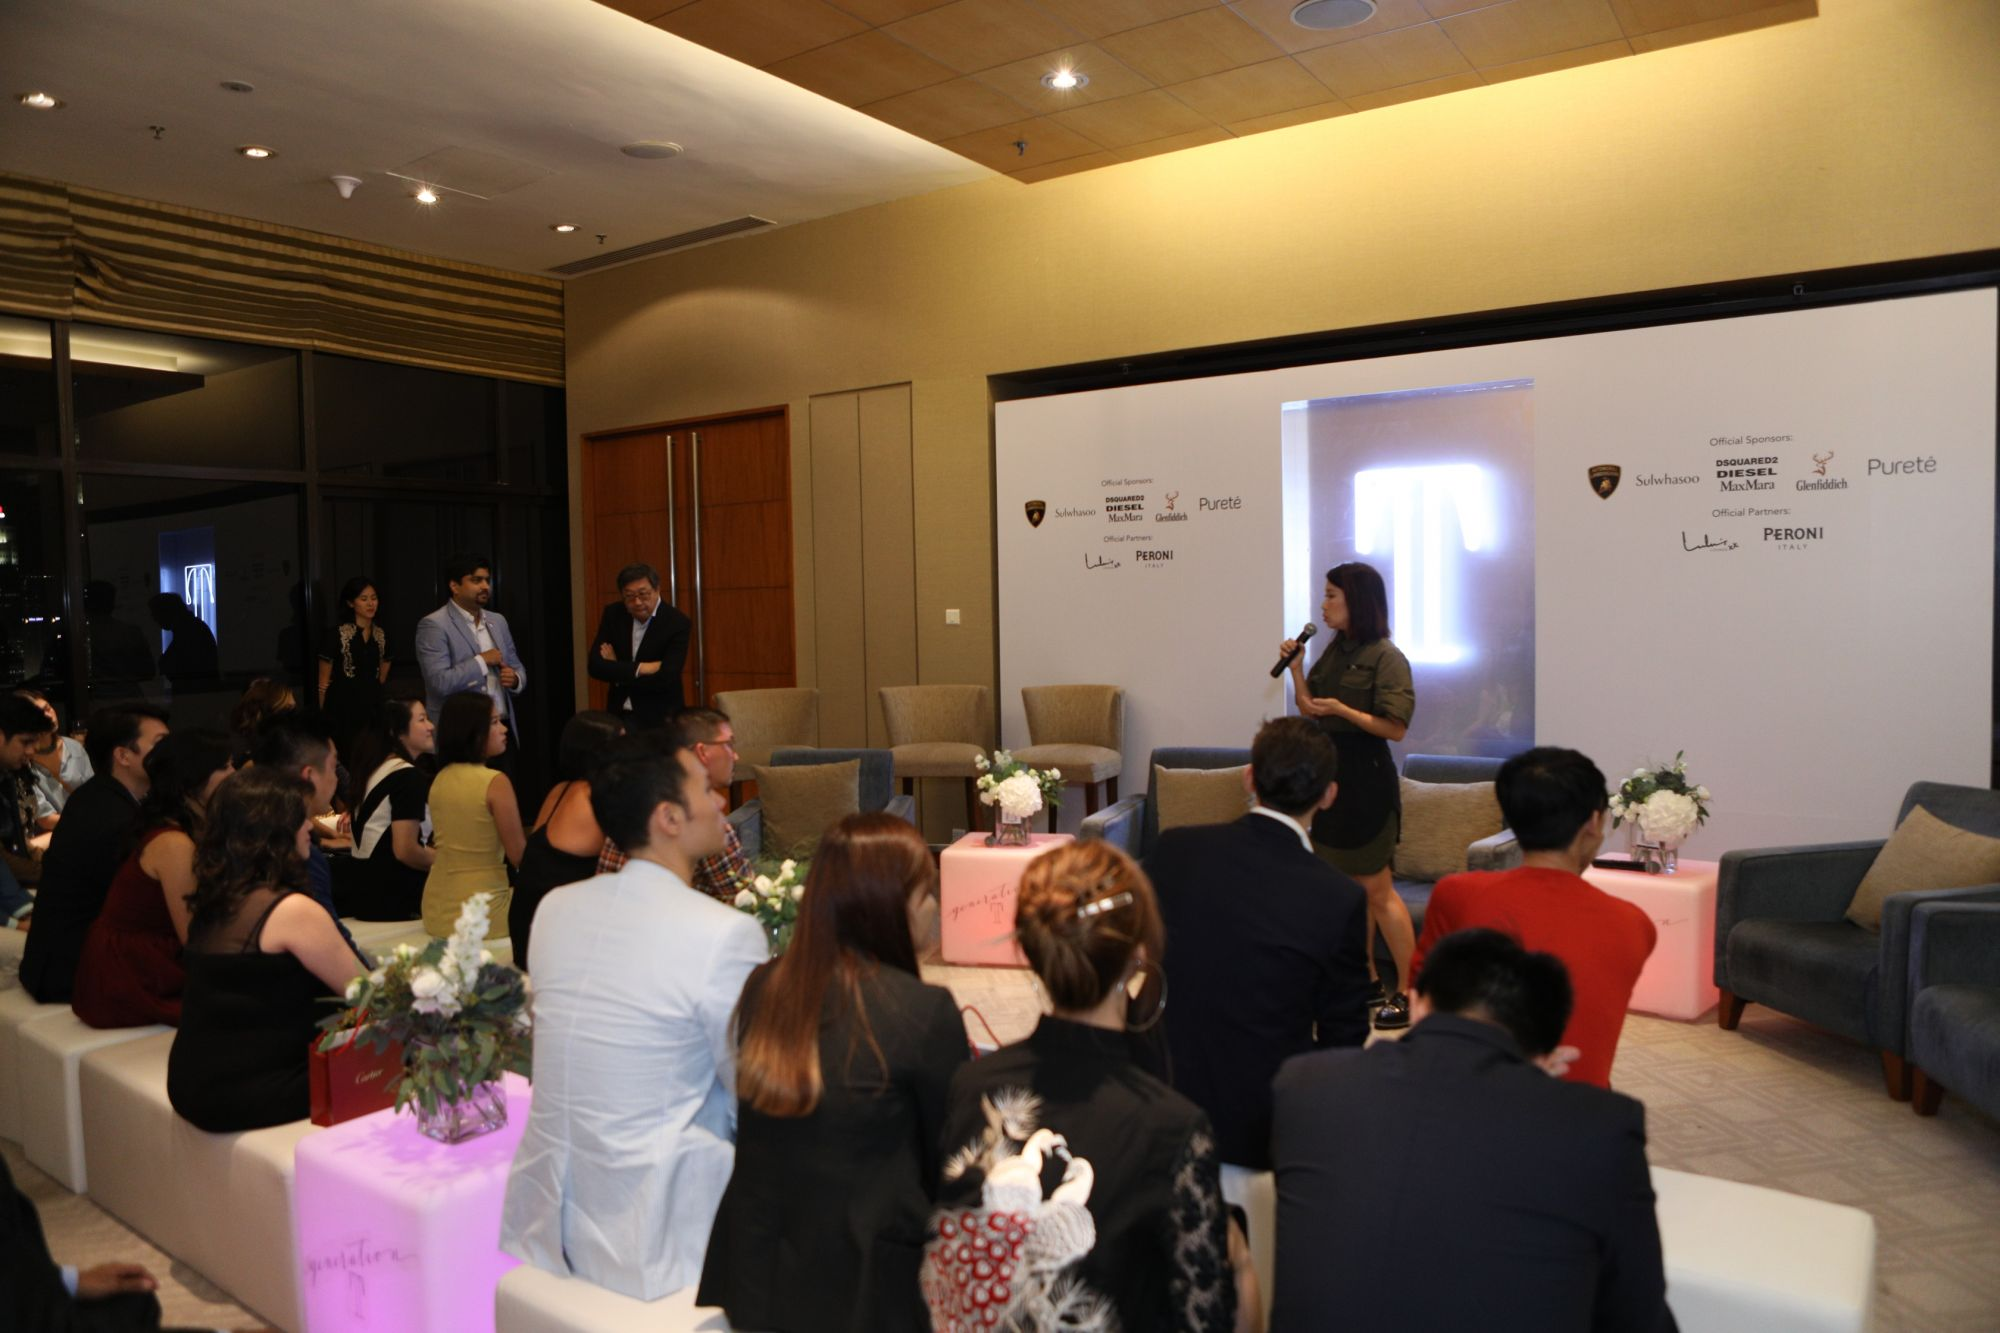 Corinne Ng, guests